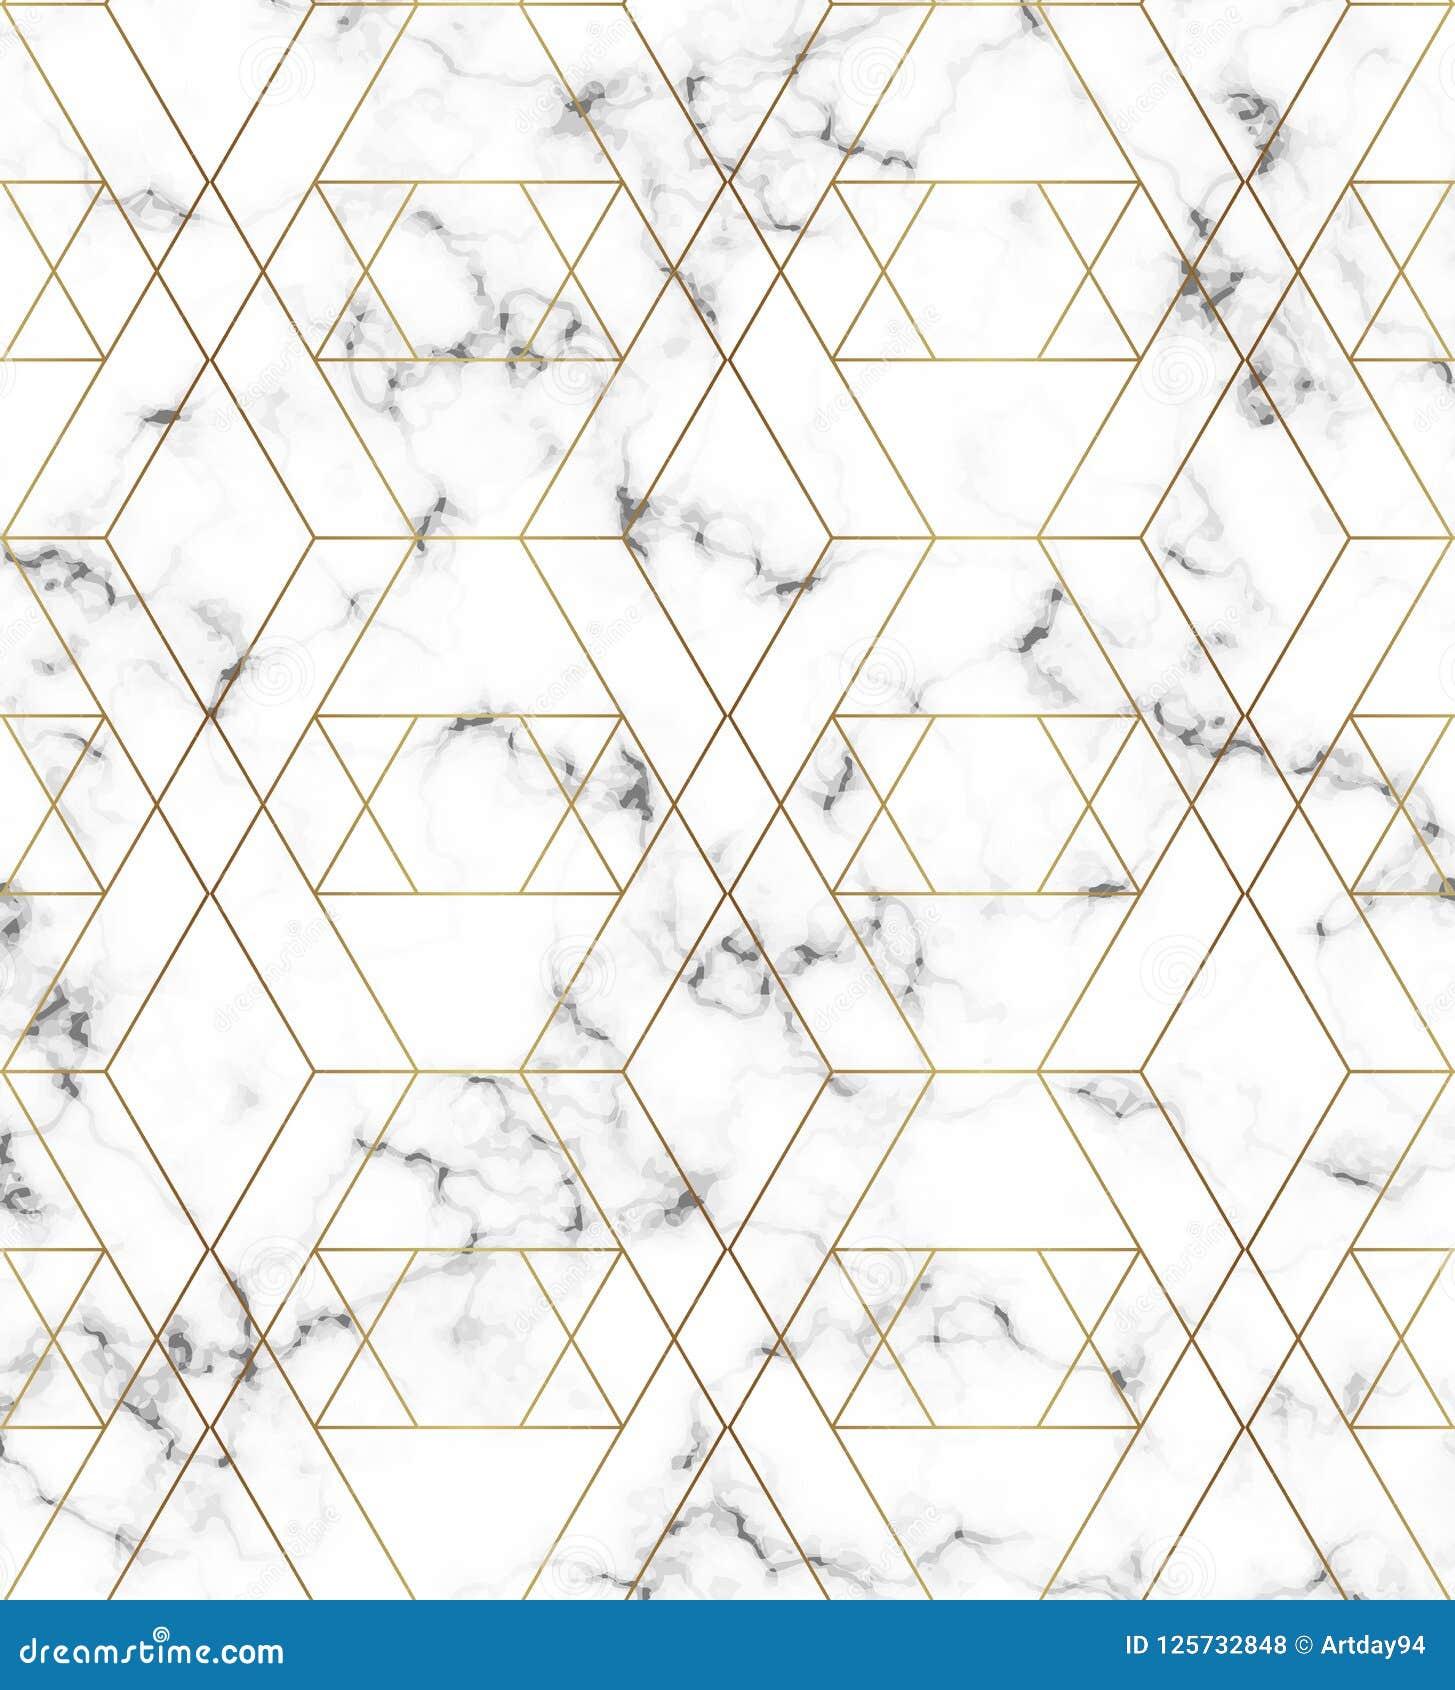 Άσπρη μαρμάρινη σύσταση με το χρυσό σχέδιο γραμμών Υπόβαθρο για τα σχέδια, έμβλημα, κάρτα, ιπτάμενο, πρόσκληση, κόμμα, γενέθλια,